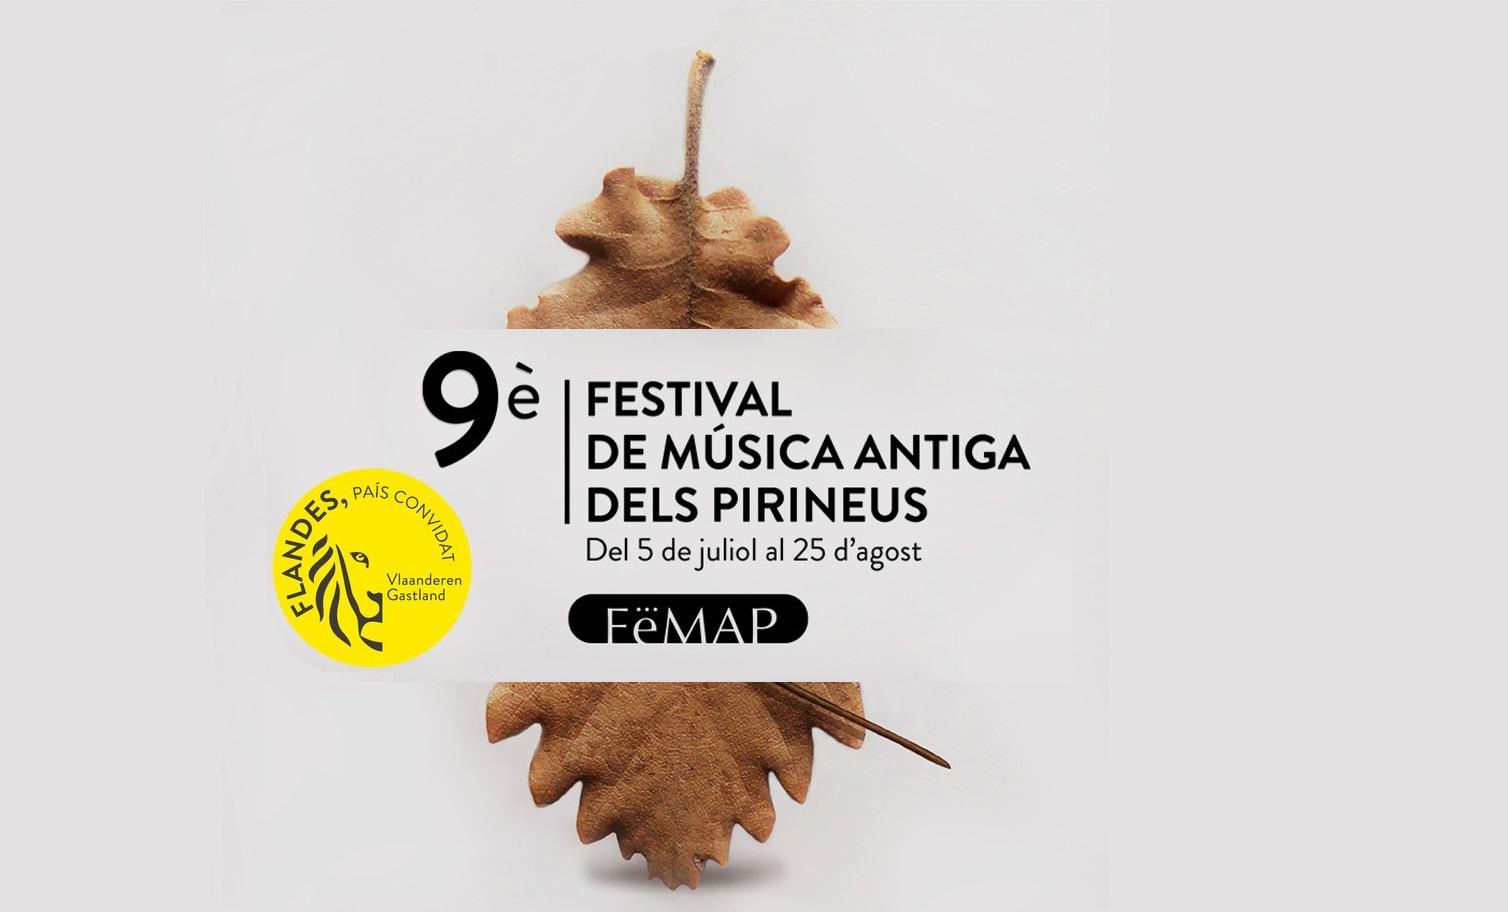 El FeMaP anuncia la programación de su 9 edición